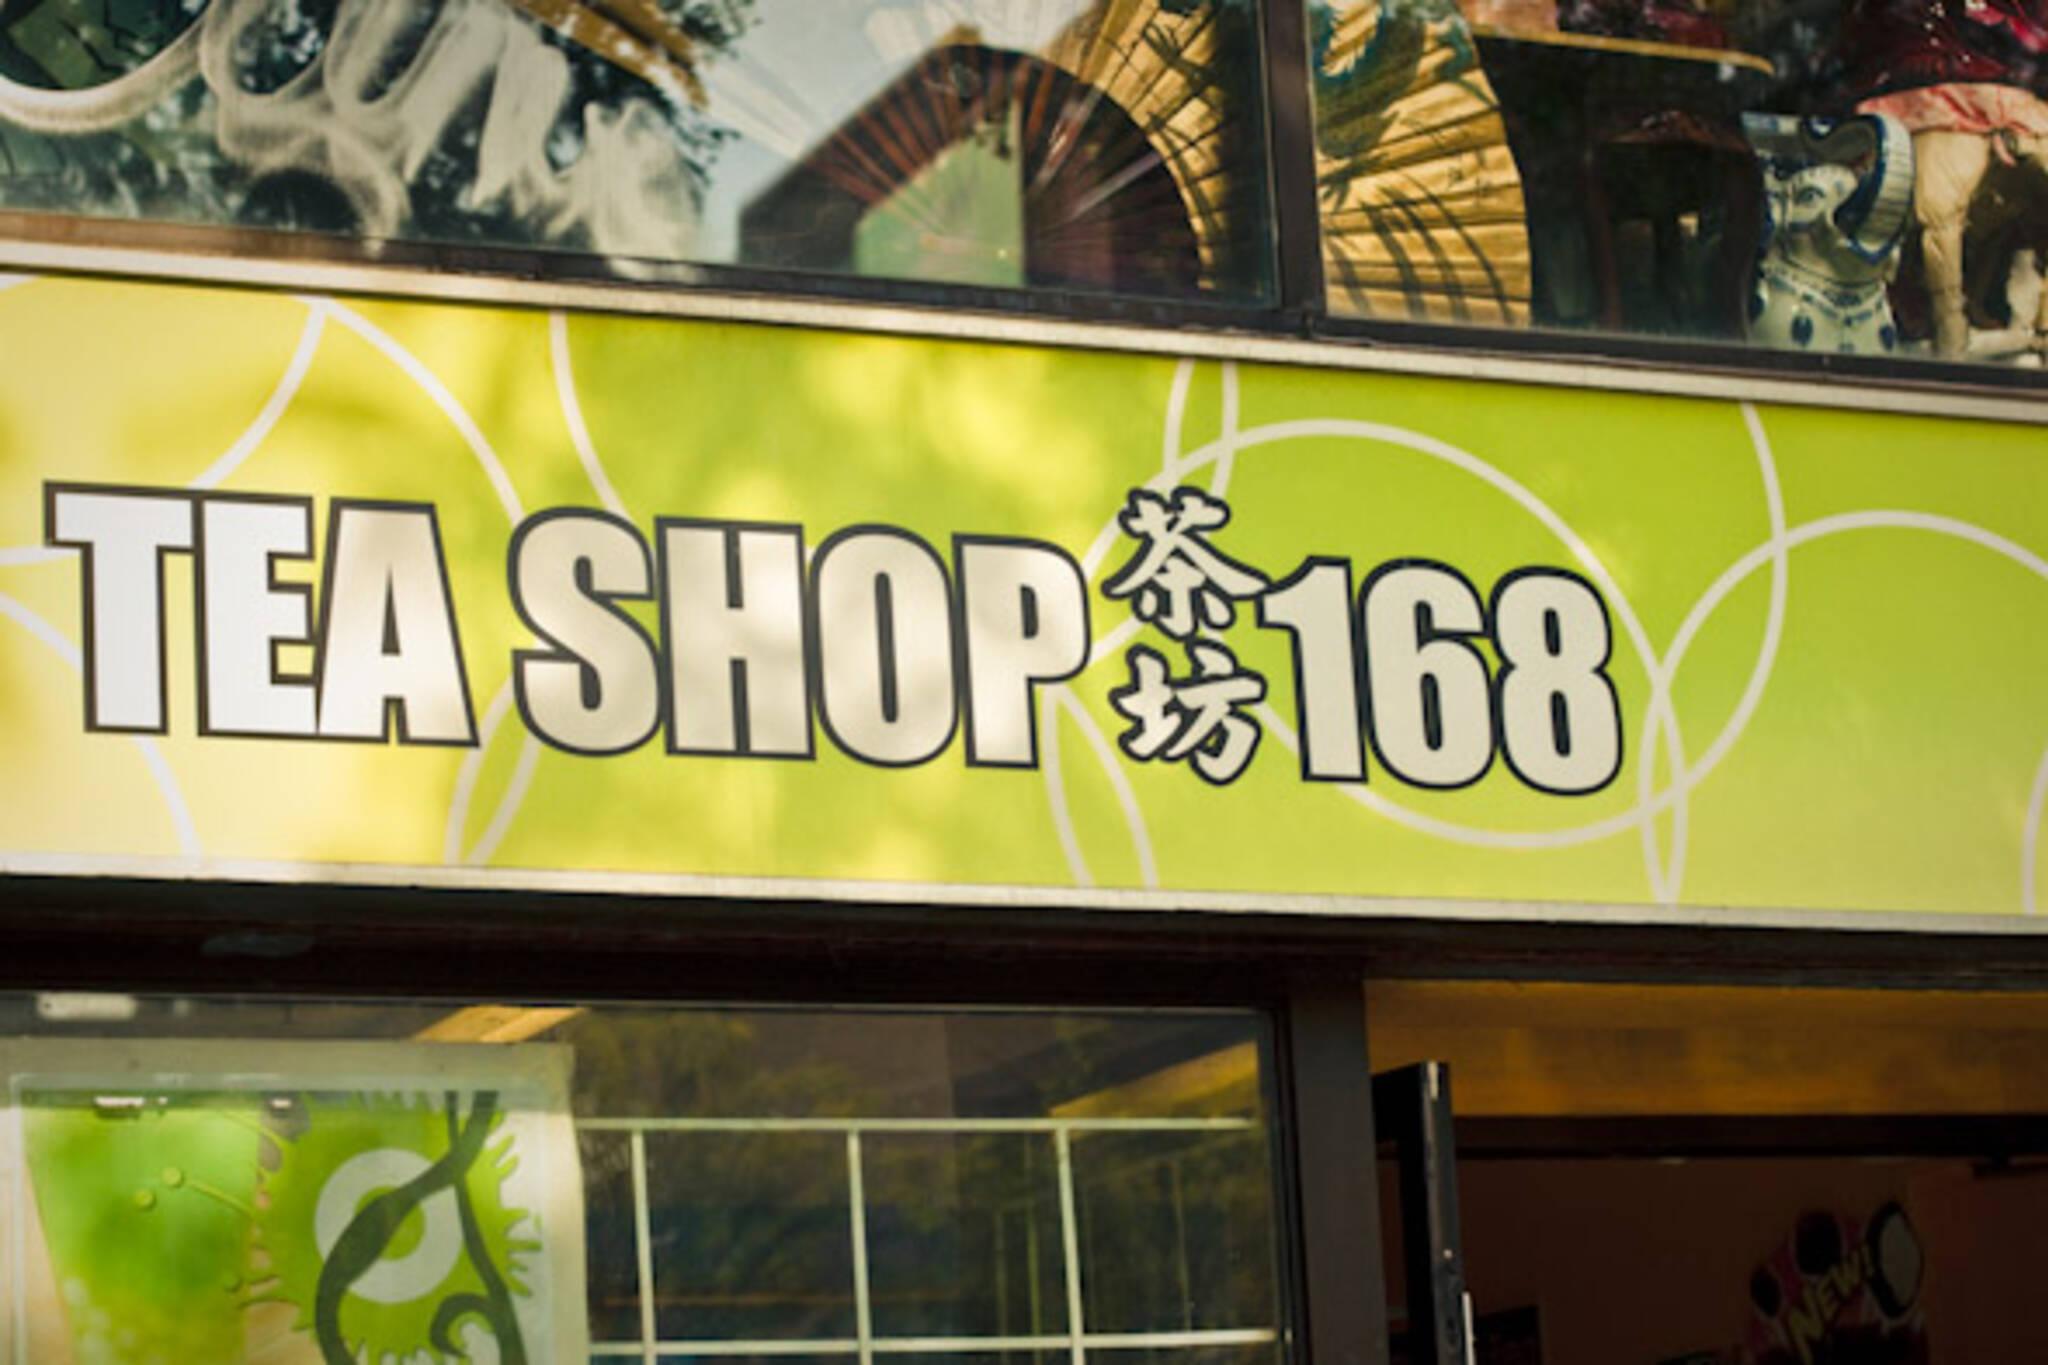 Tea Shop 168